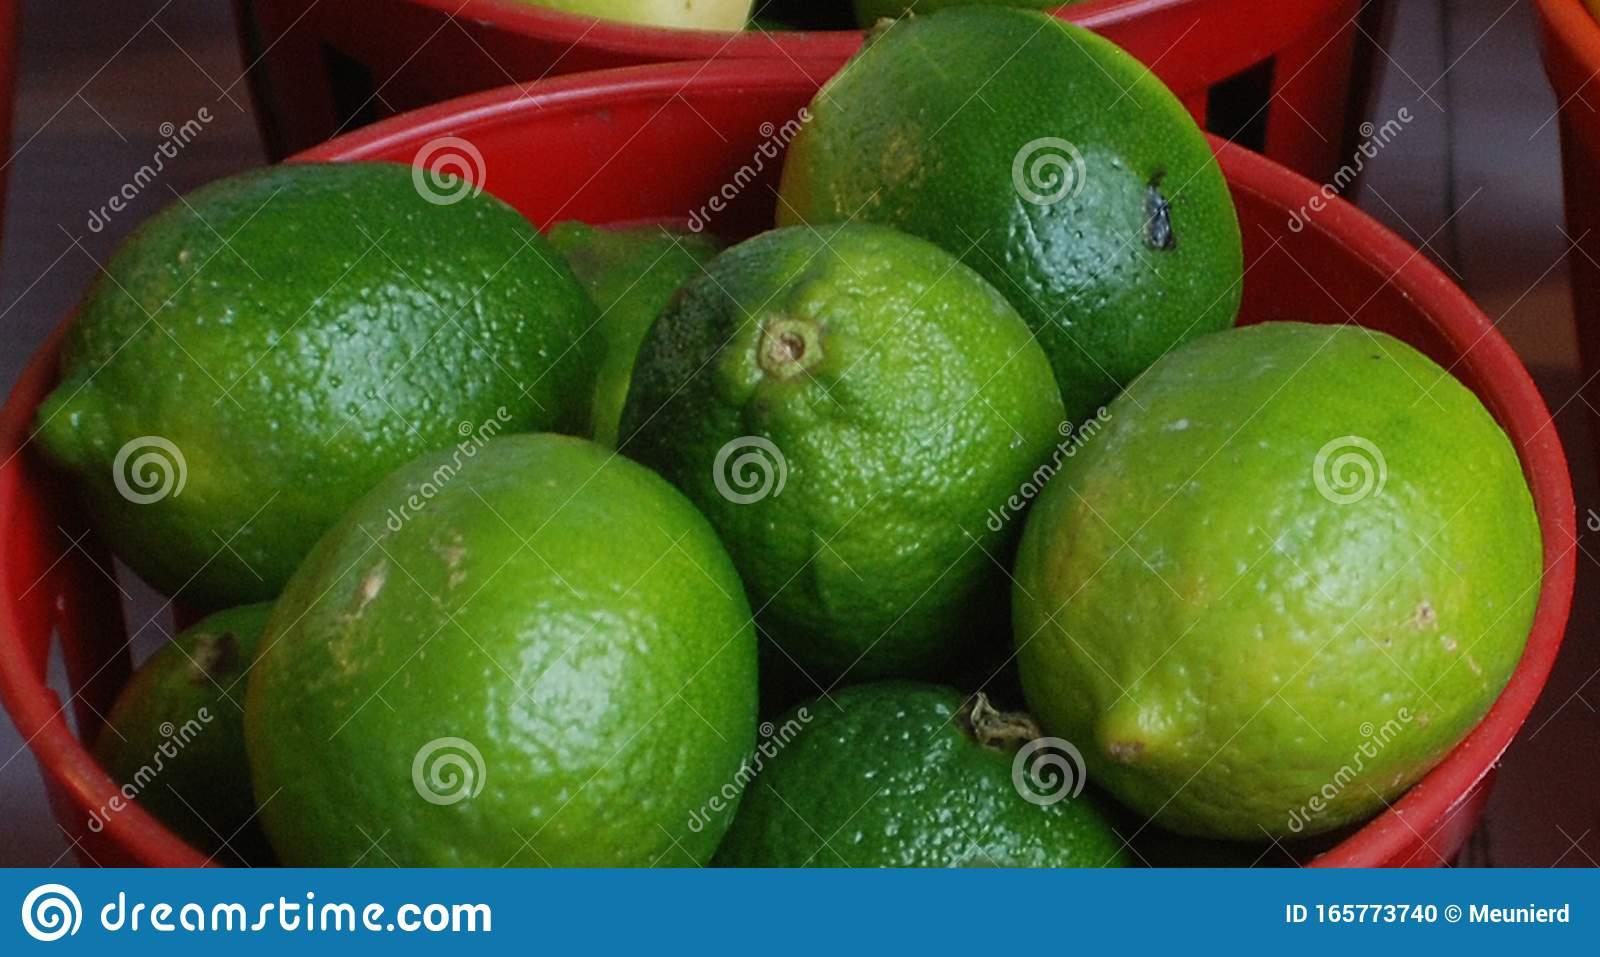 Чем отличается лайм от лимона, полезные свойства лайма, фото